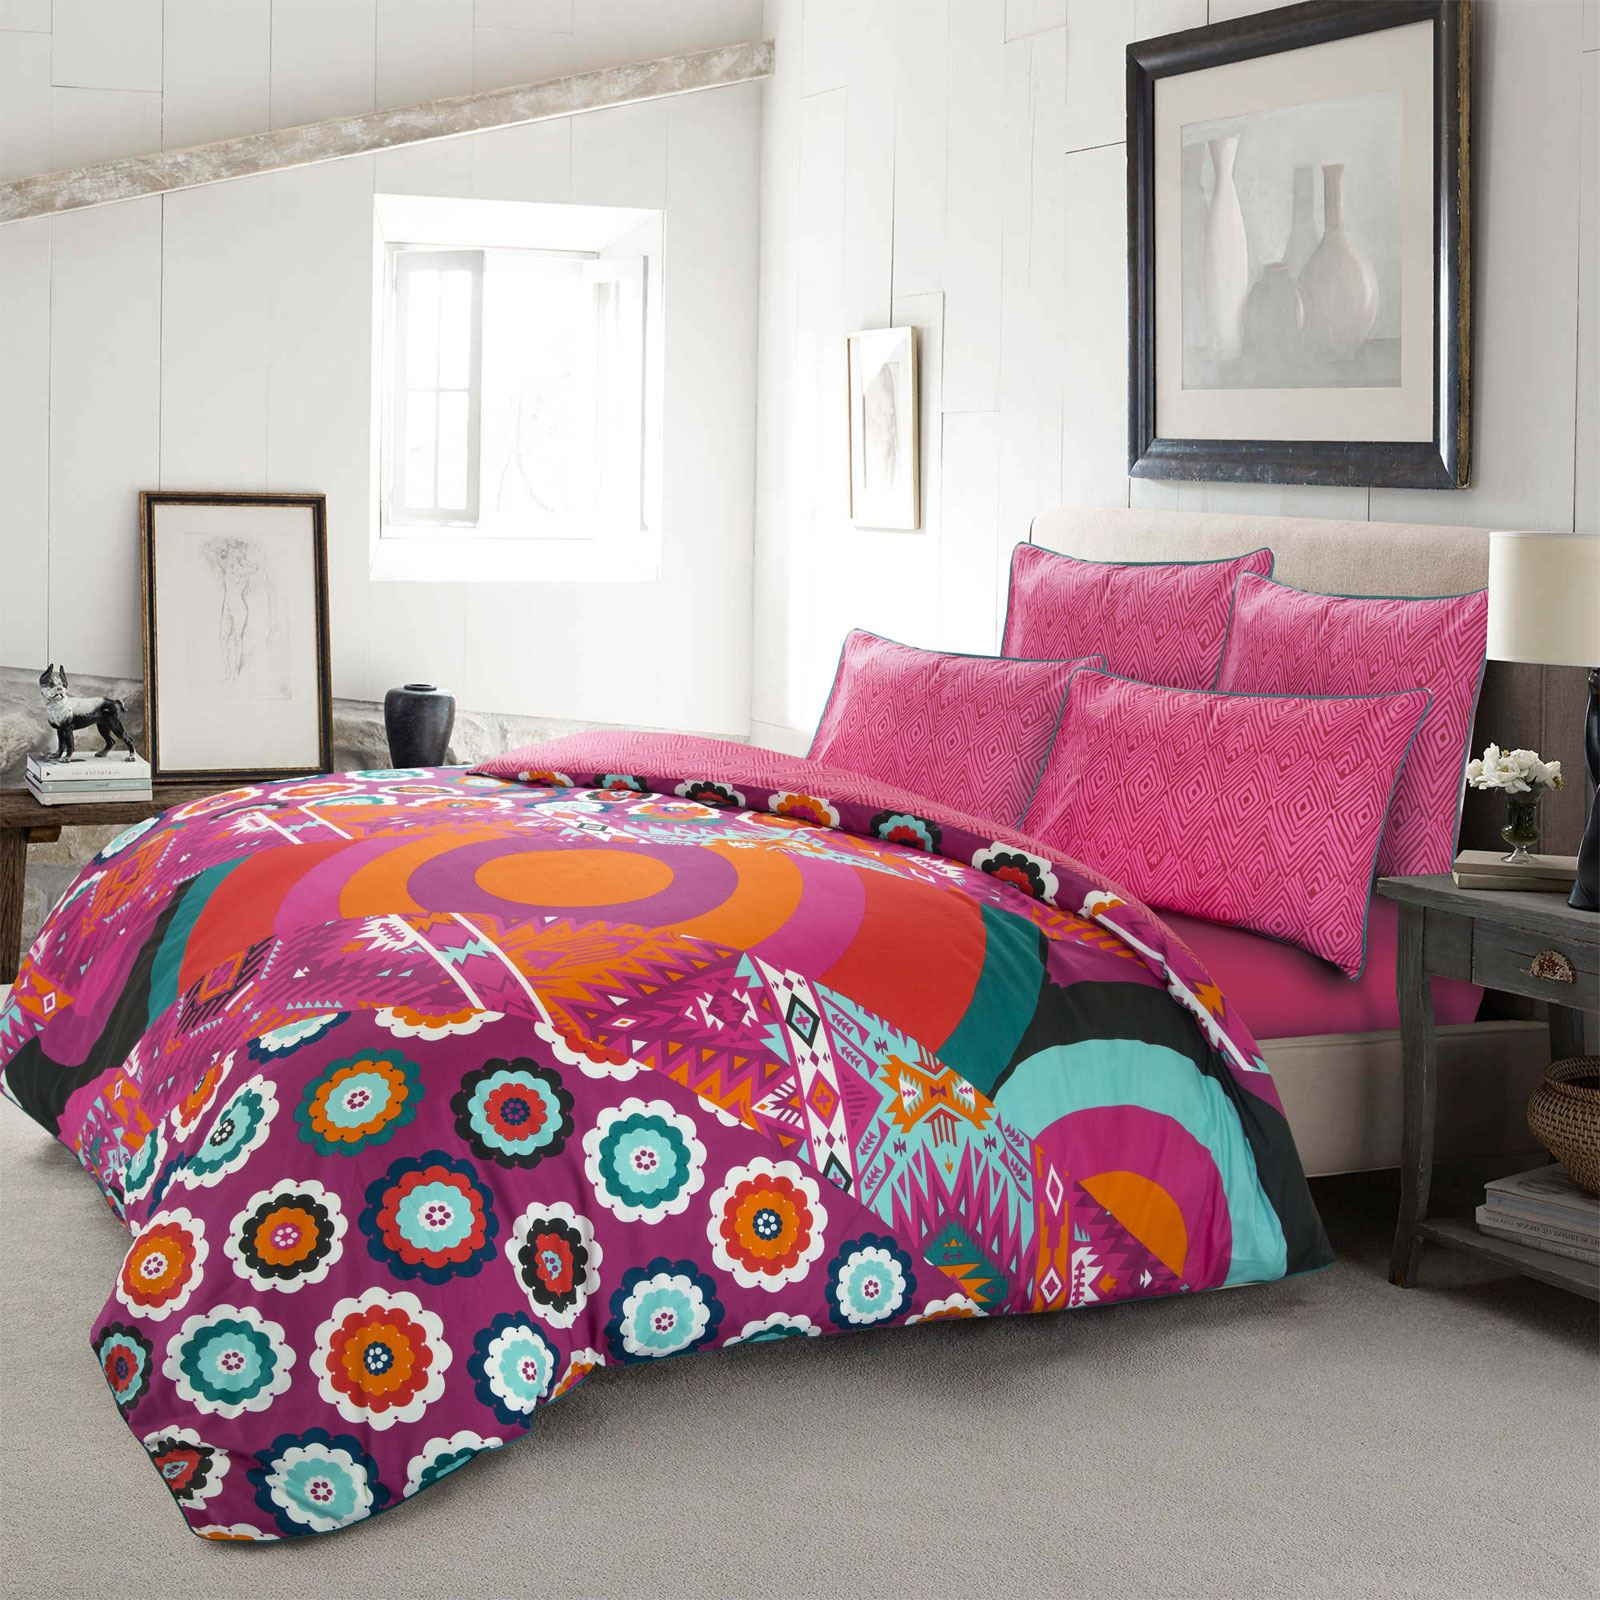 Ropa-de-cama-estampado-floral-bohemio-conjunto-de-edredon-de-funda-nordica-individual-Doble-King miniatura 6